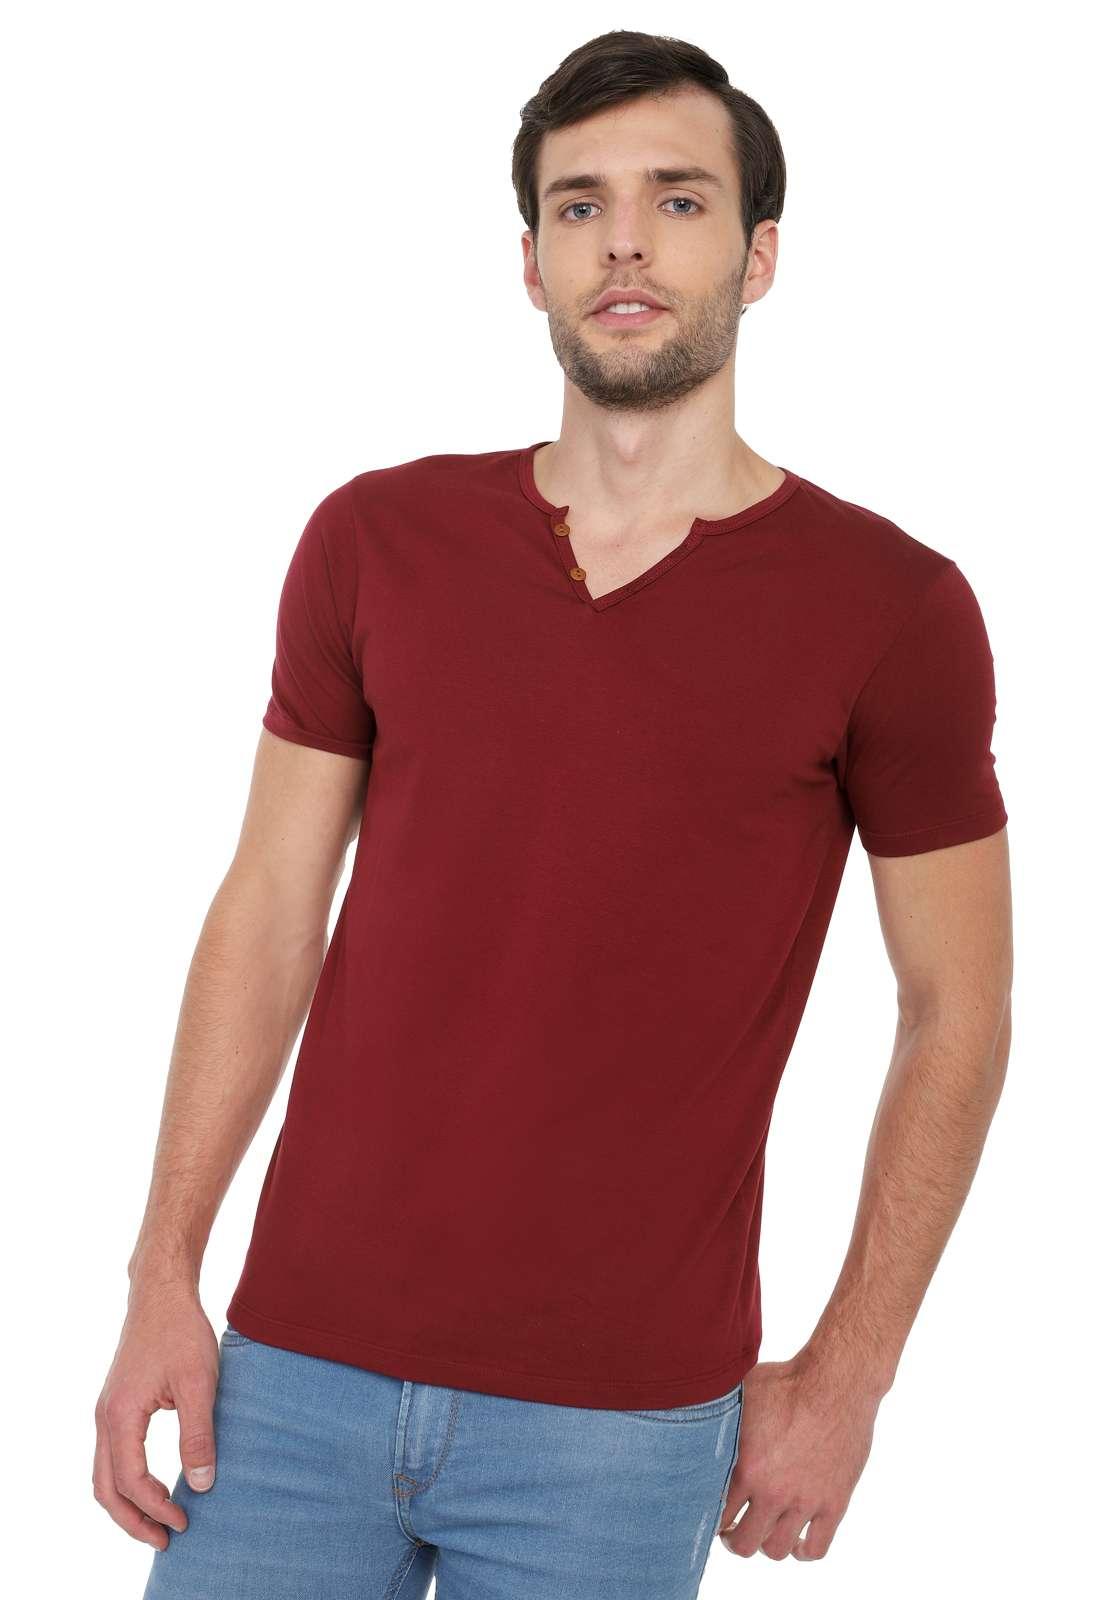 Camiseta Con Botones Licrada - Vinotinto | Polovers